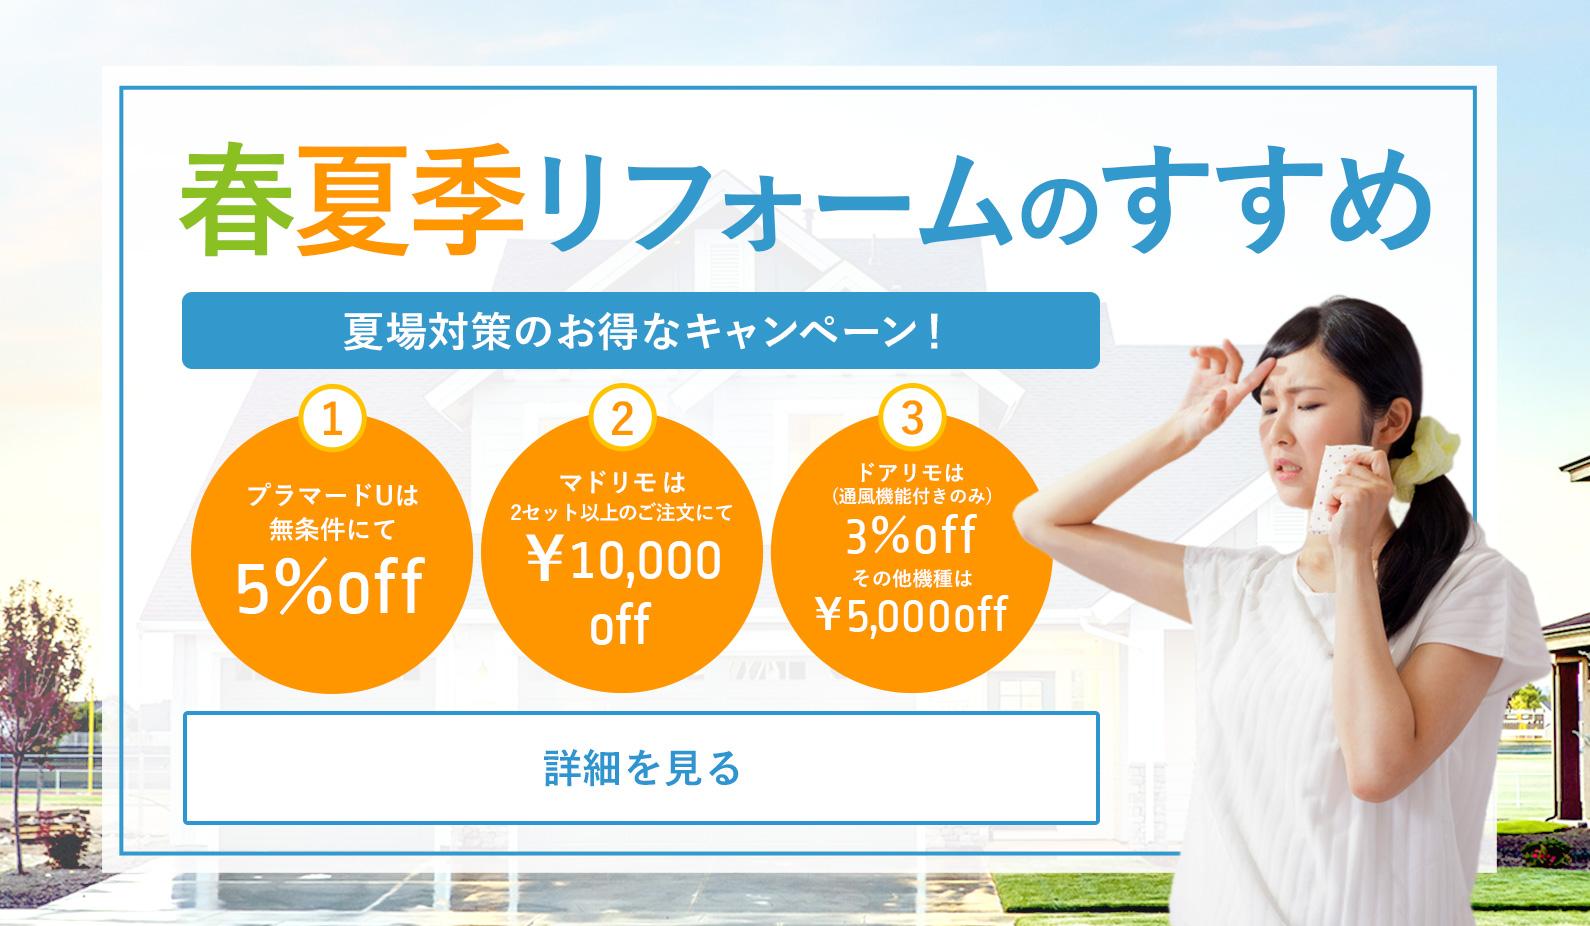 春夏季リフォームのすすめ 暑さ対策にお得なキャンペーン実施中! 最大なんと¥10,000off!!